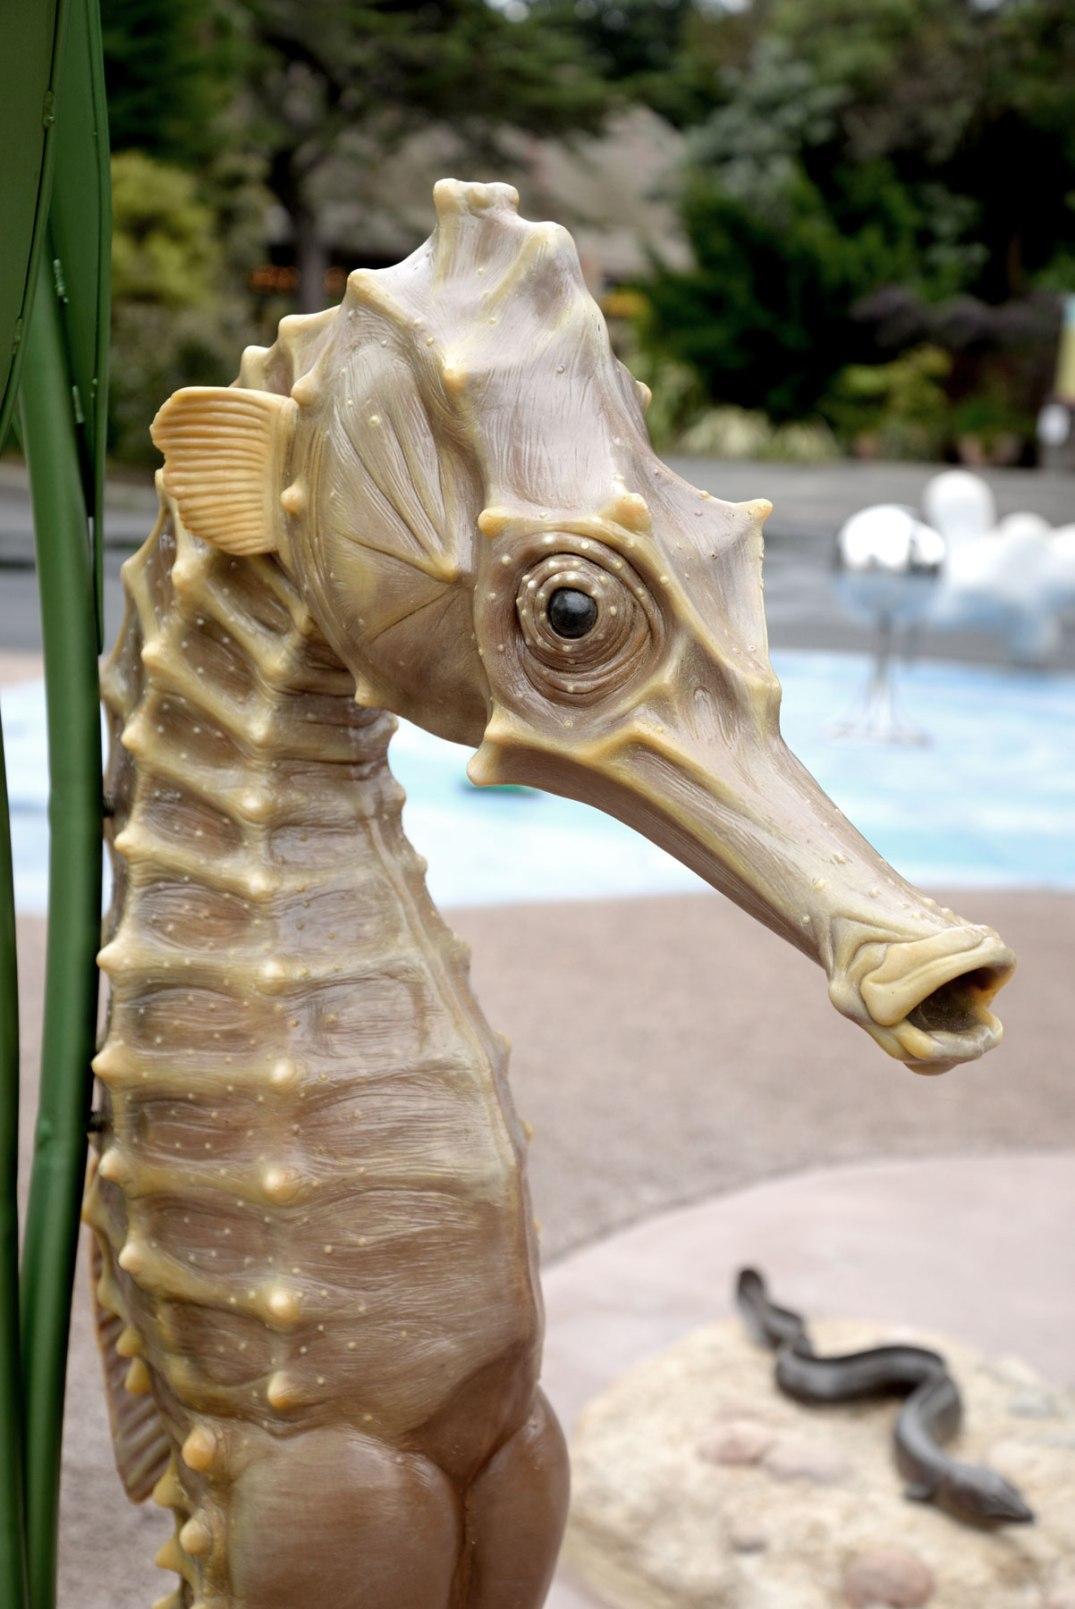 San_Francisco_Zoo_Seahorse_Sculpture_002